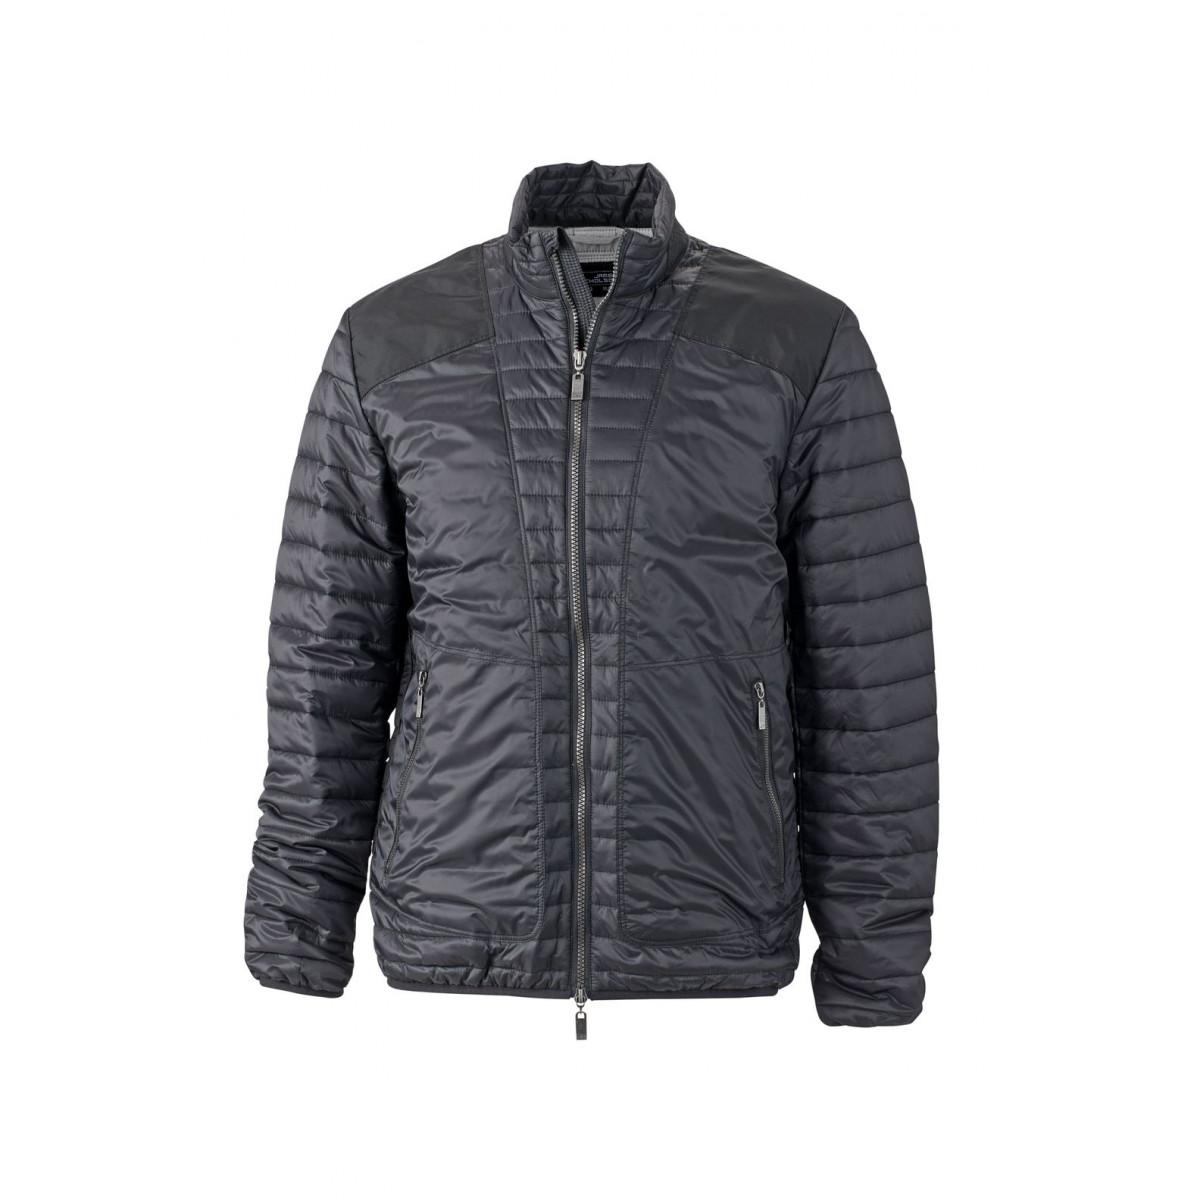 Куртка мужская JN1112 Mens Lightweight Jacket - Черный/Серебряный